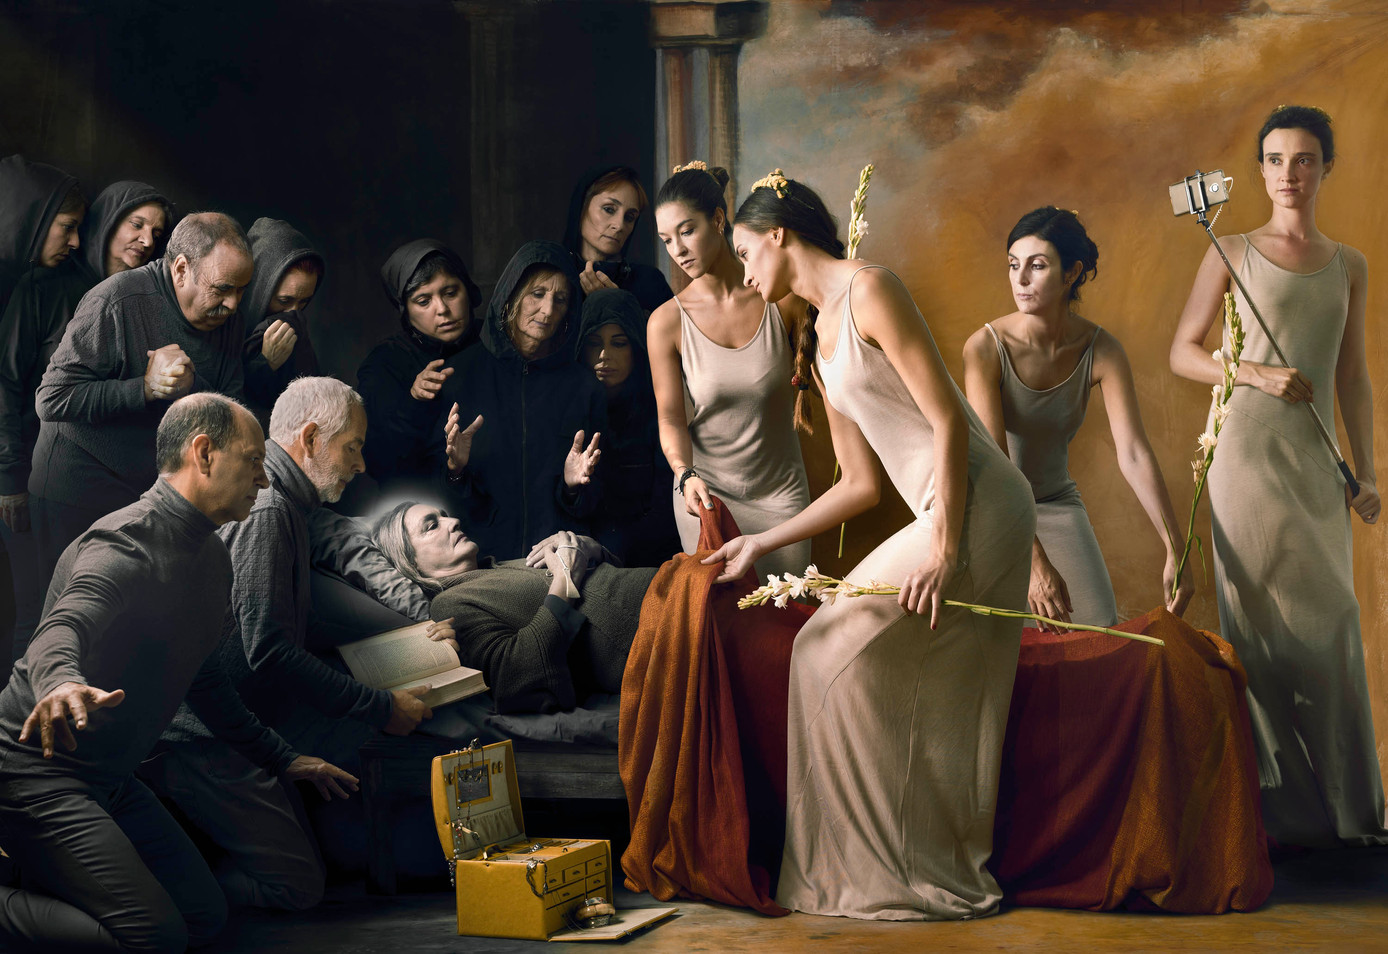 La muerte de la belleza física